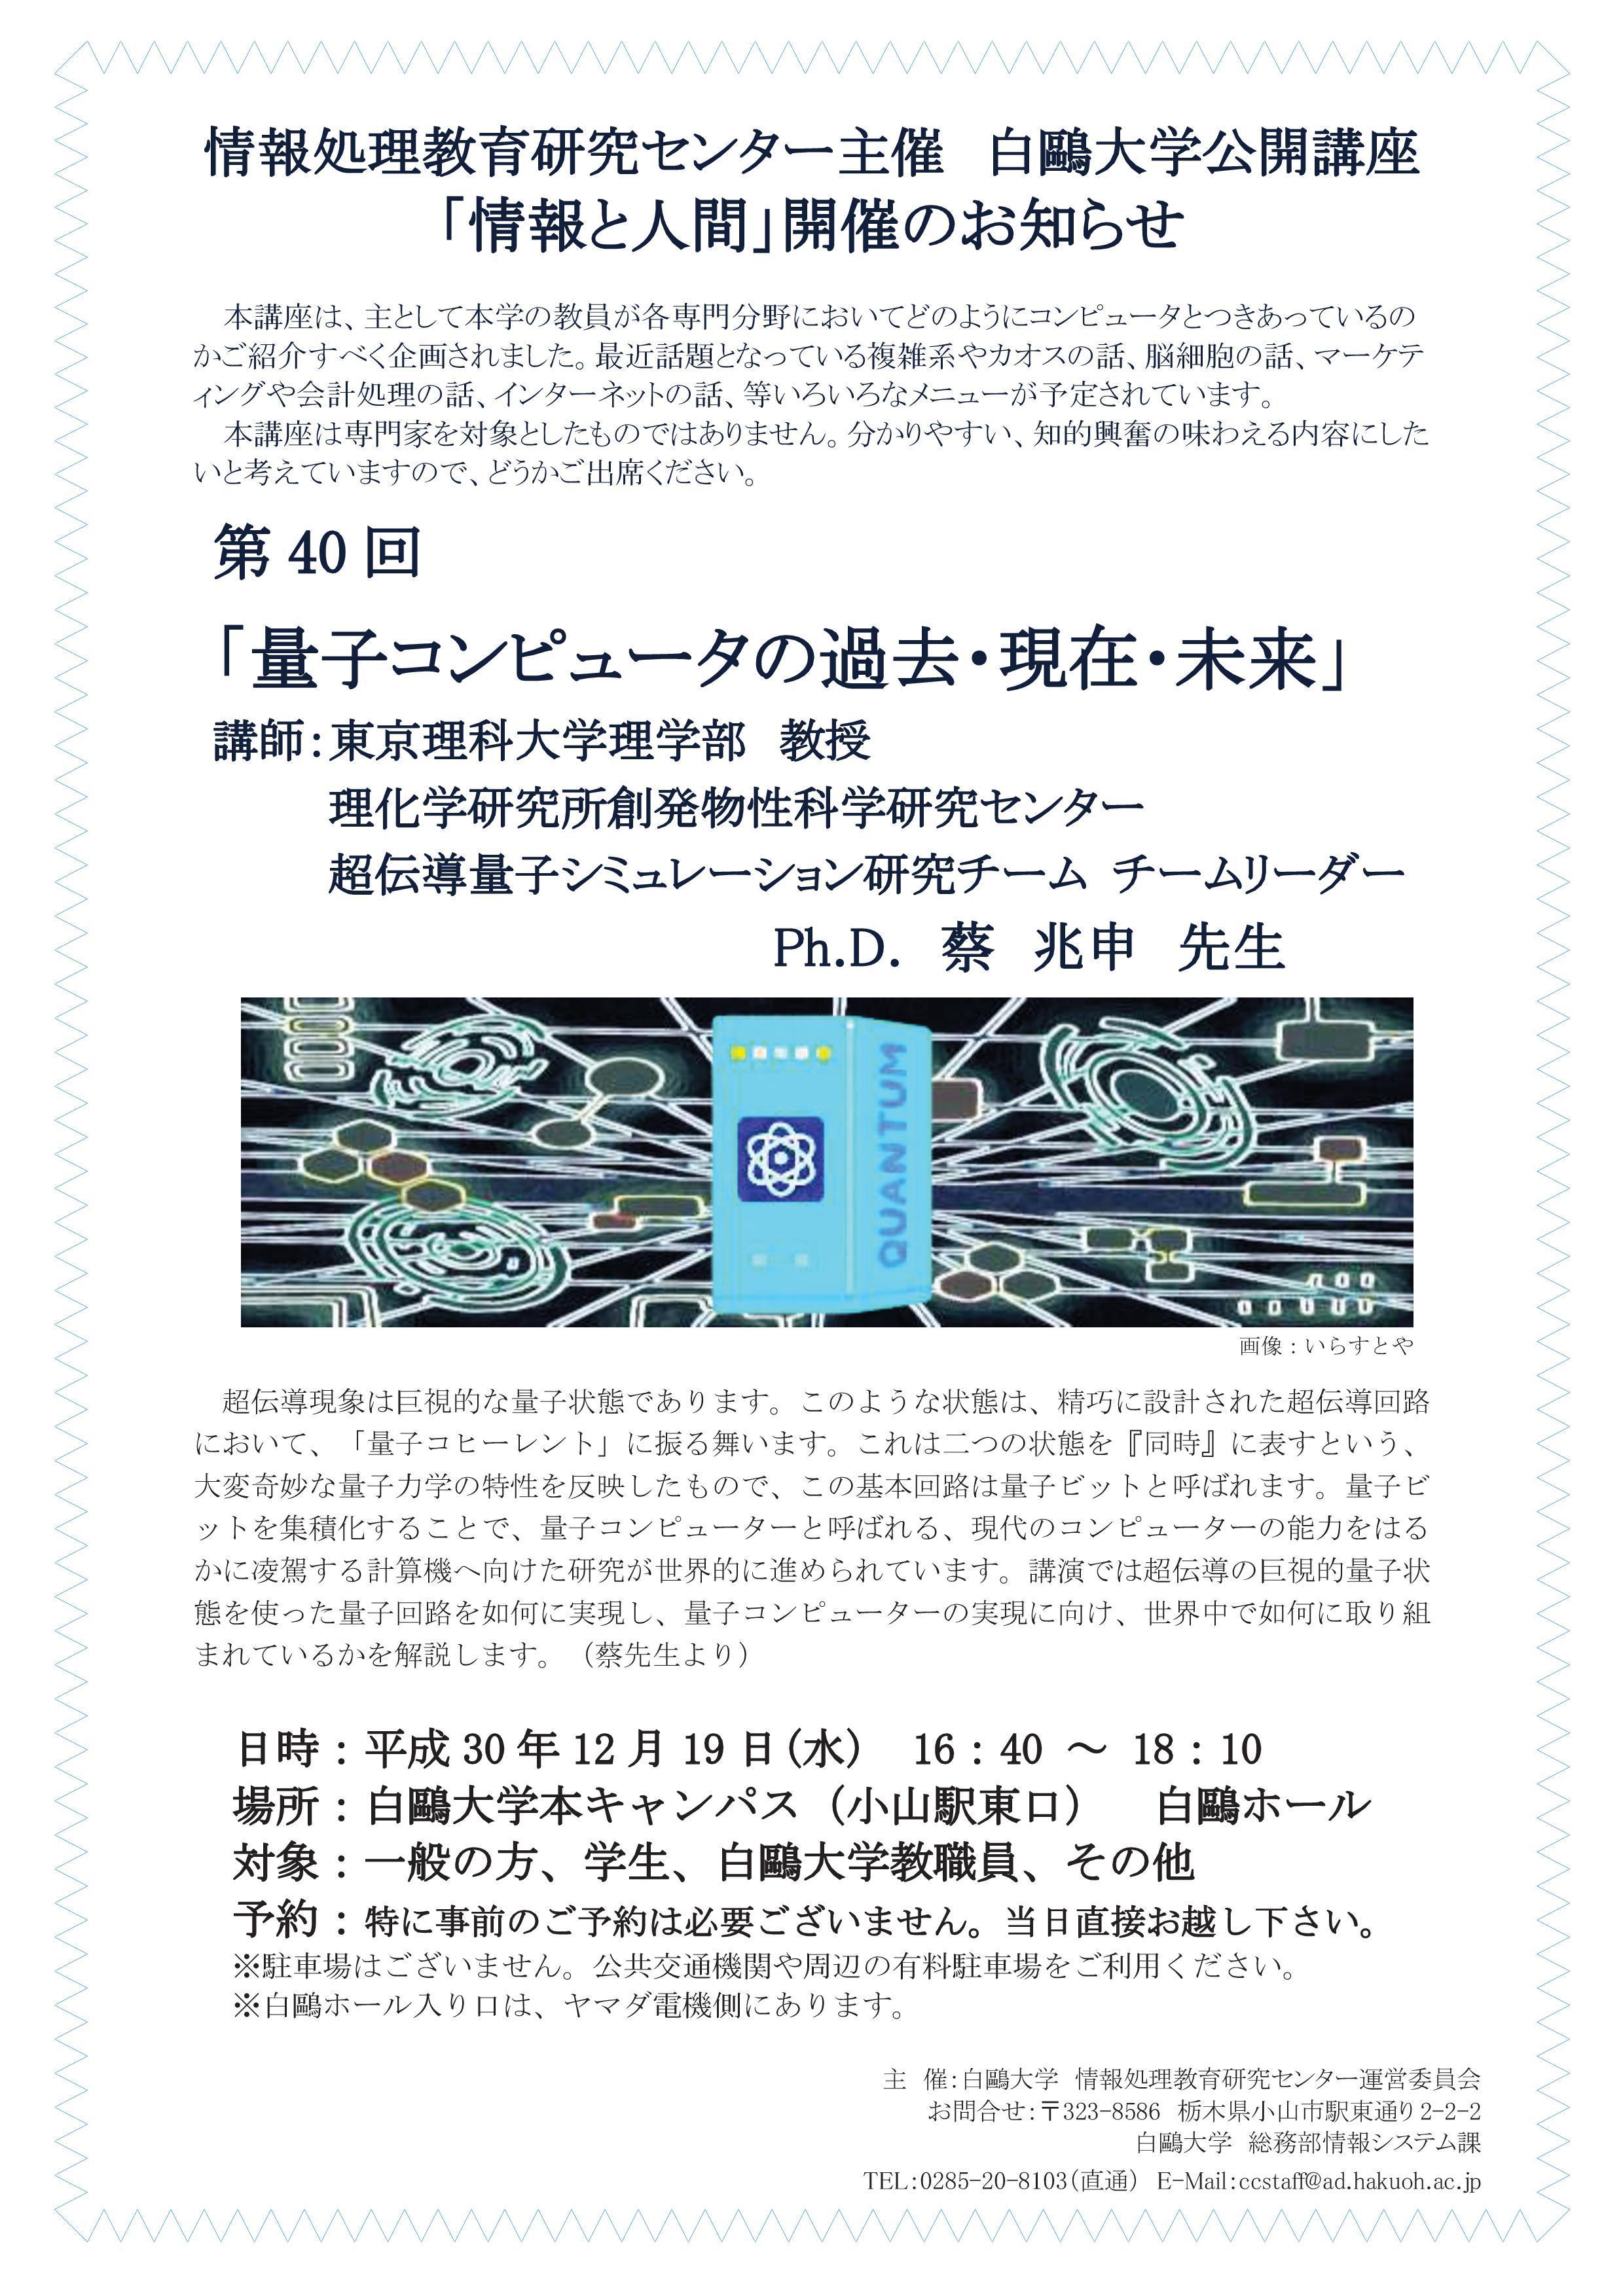 白鴎大学が12月19日に公開講座「量子コンピュータの過去・現在・未来」(「情報と人間」第40回)を開催